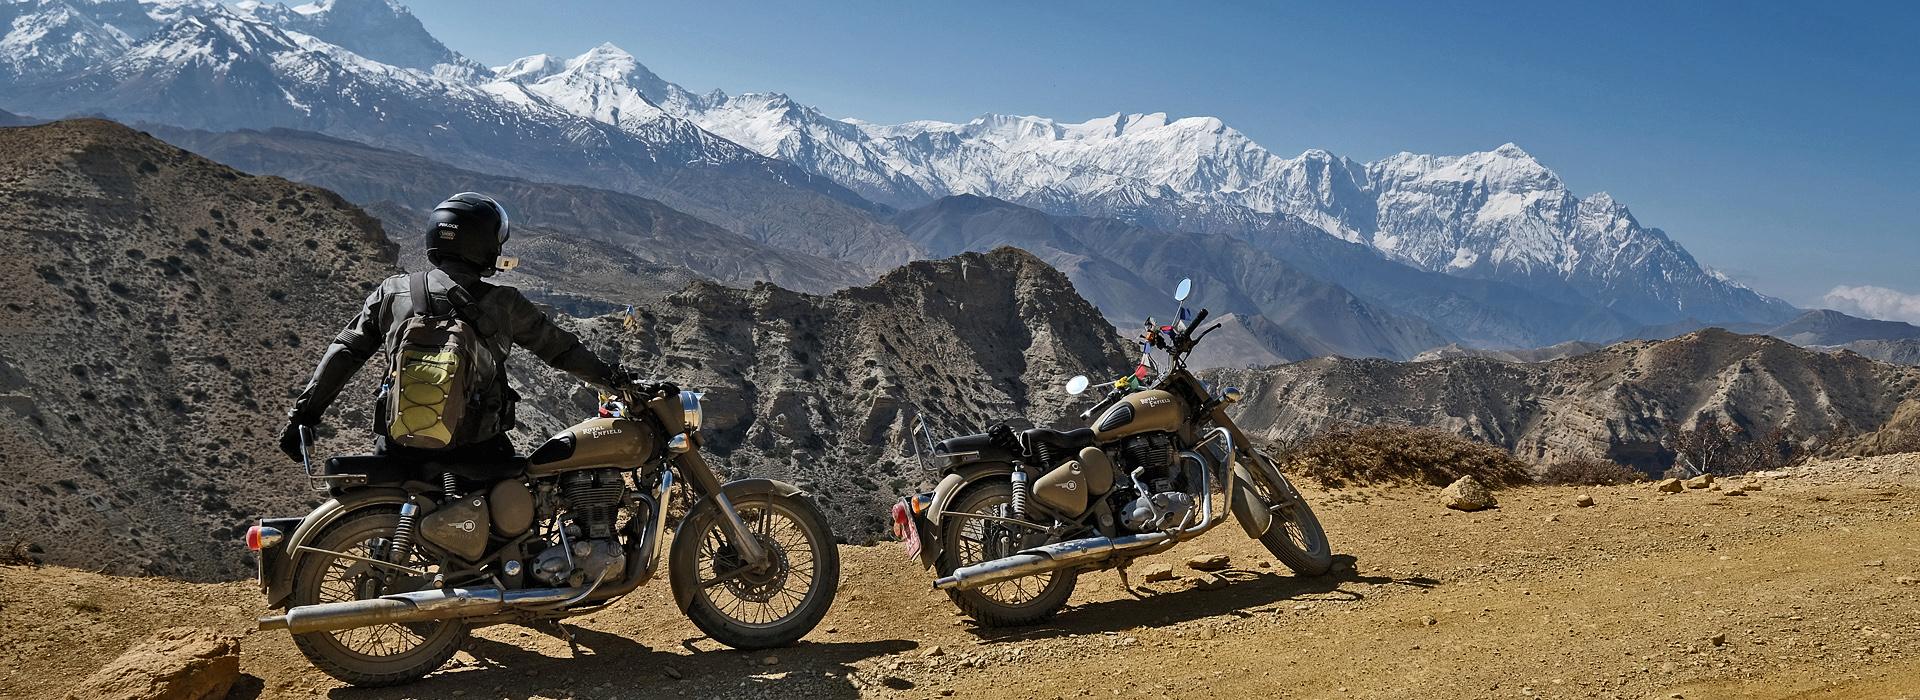 Motorreis Nepal. Met Travel 2 Explore op de Royal Enfield Motor naar Upper Mustang in Nepal.